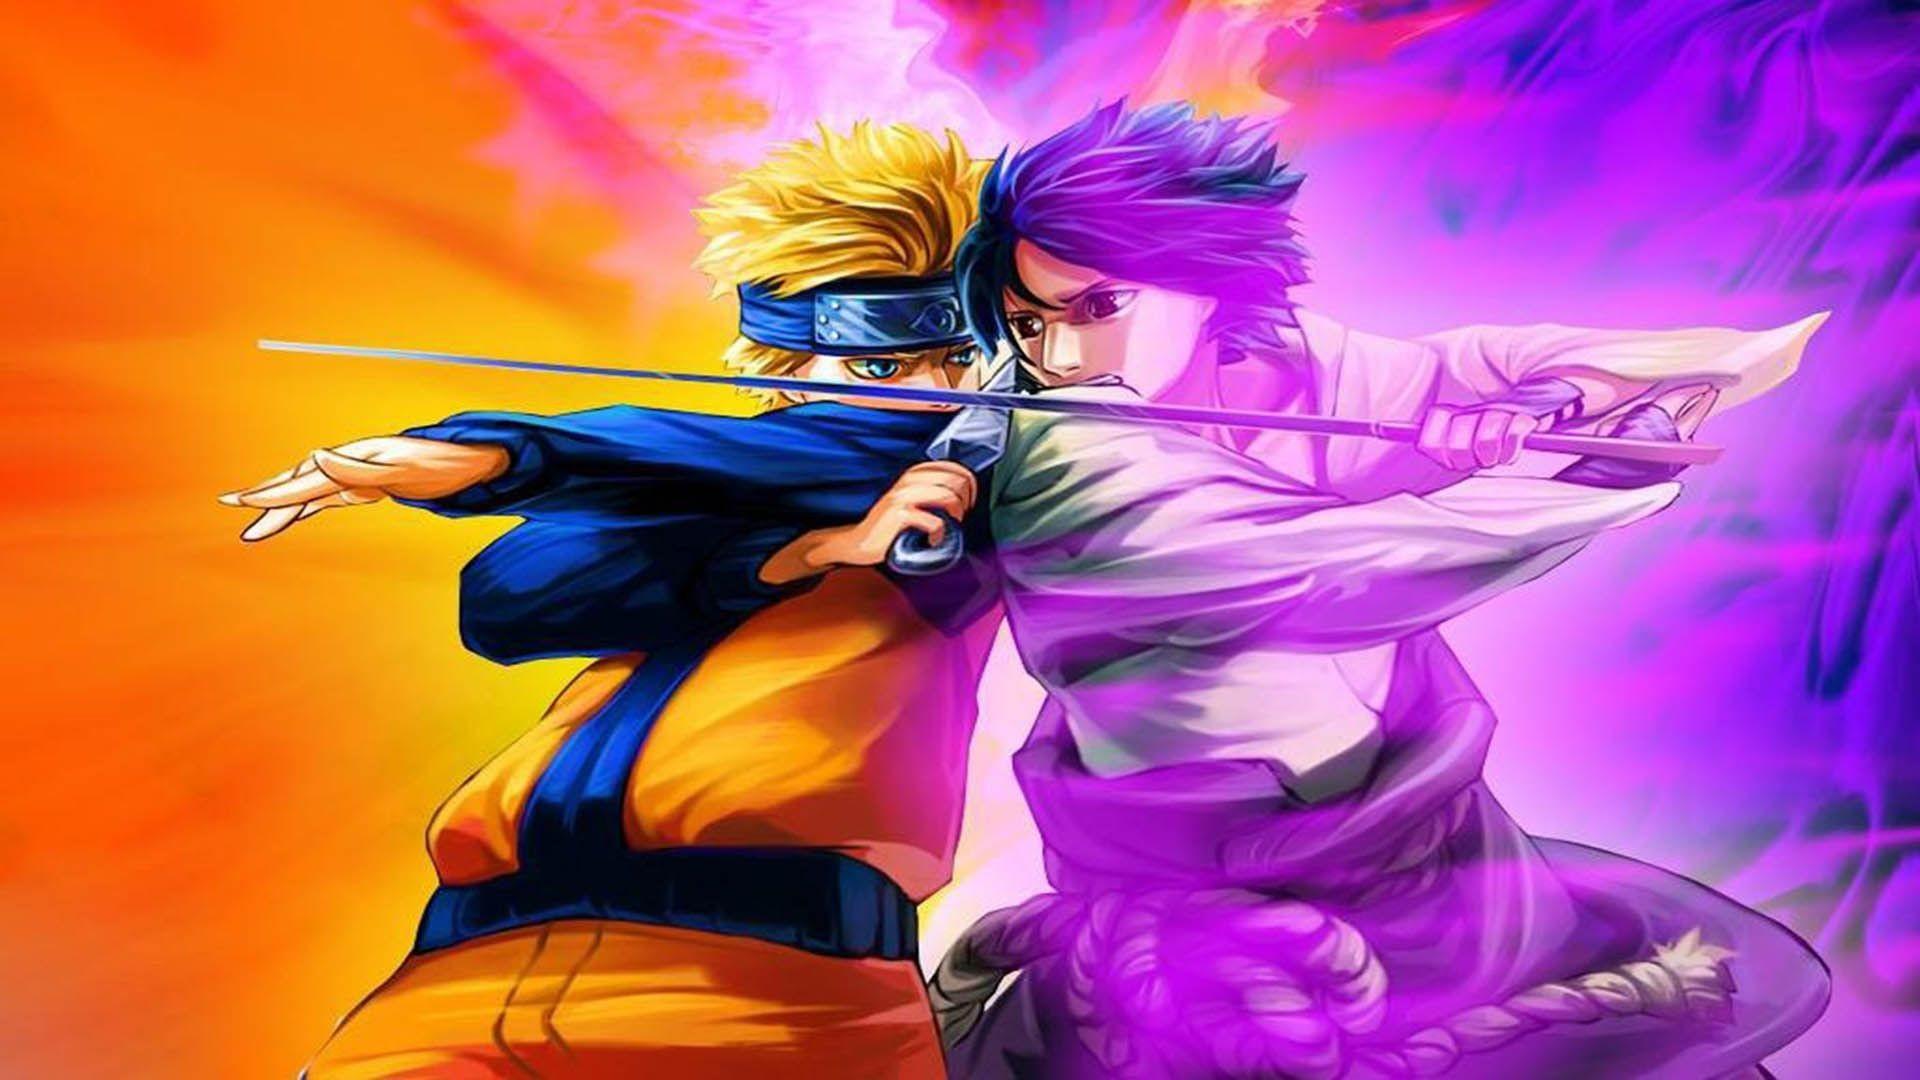 Naruto vs Sasuke Wallpaper (57+ images)